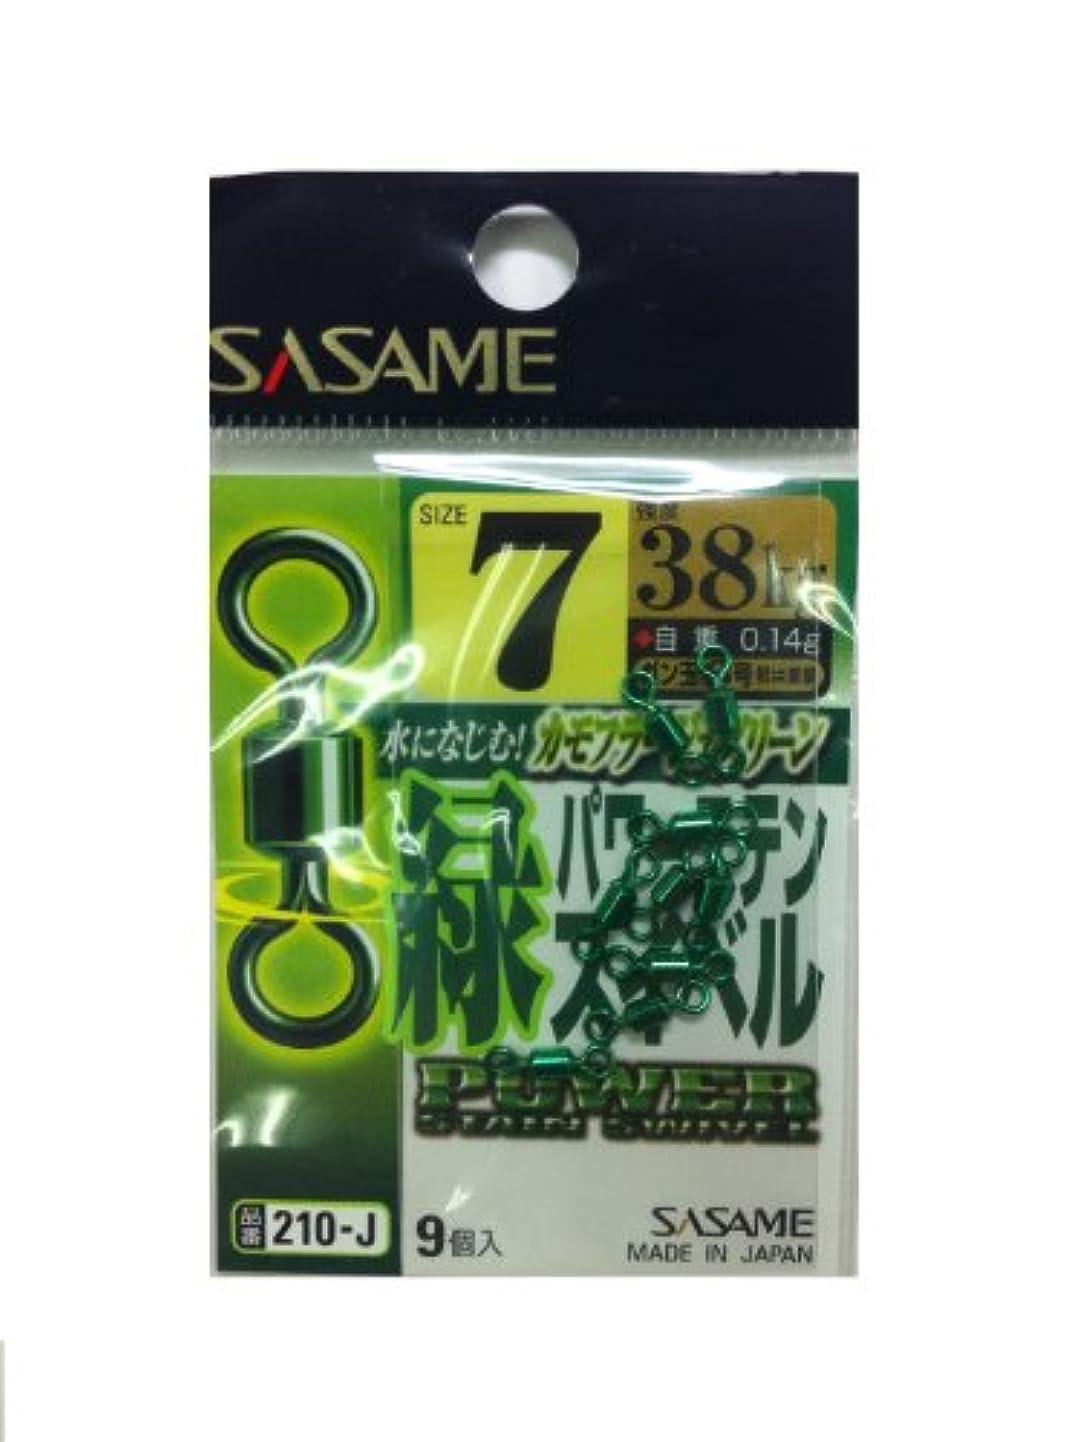 時間厳守台風アルファベット順ささめ針(SASAME) 210-J 緑パワーステンスイベル 7